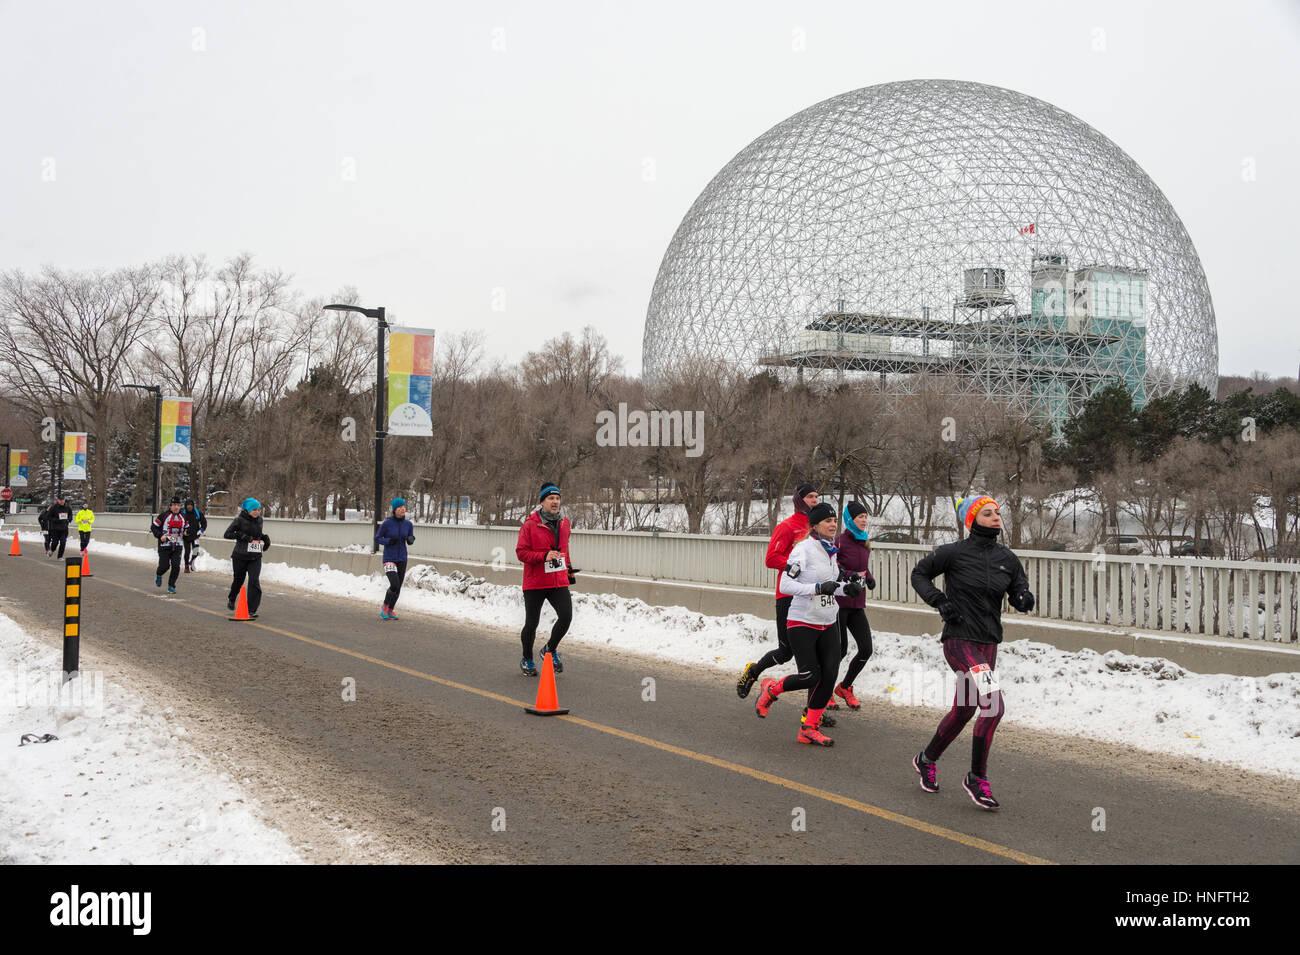 MONTREAL, Canada, 12 febbraio 2017: i corridori durante ipotermico Mezza Maratona Credito: Marc Bruxelle/Alamy Live Immagini Stock